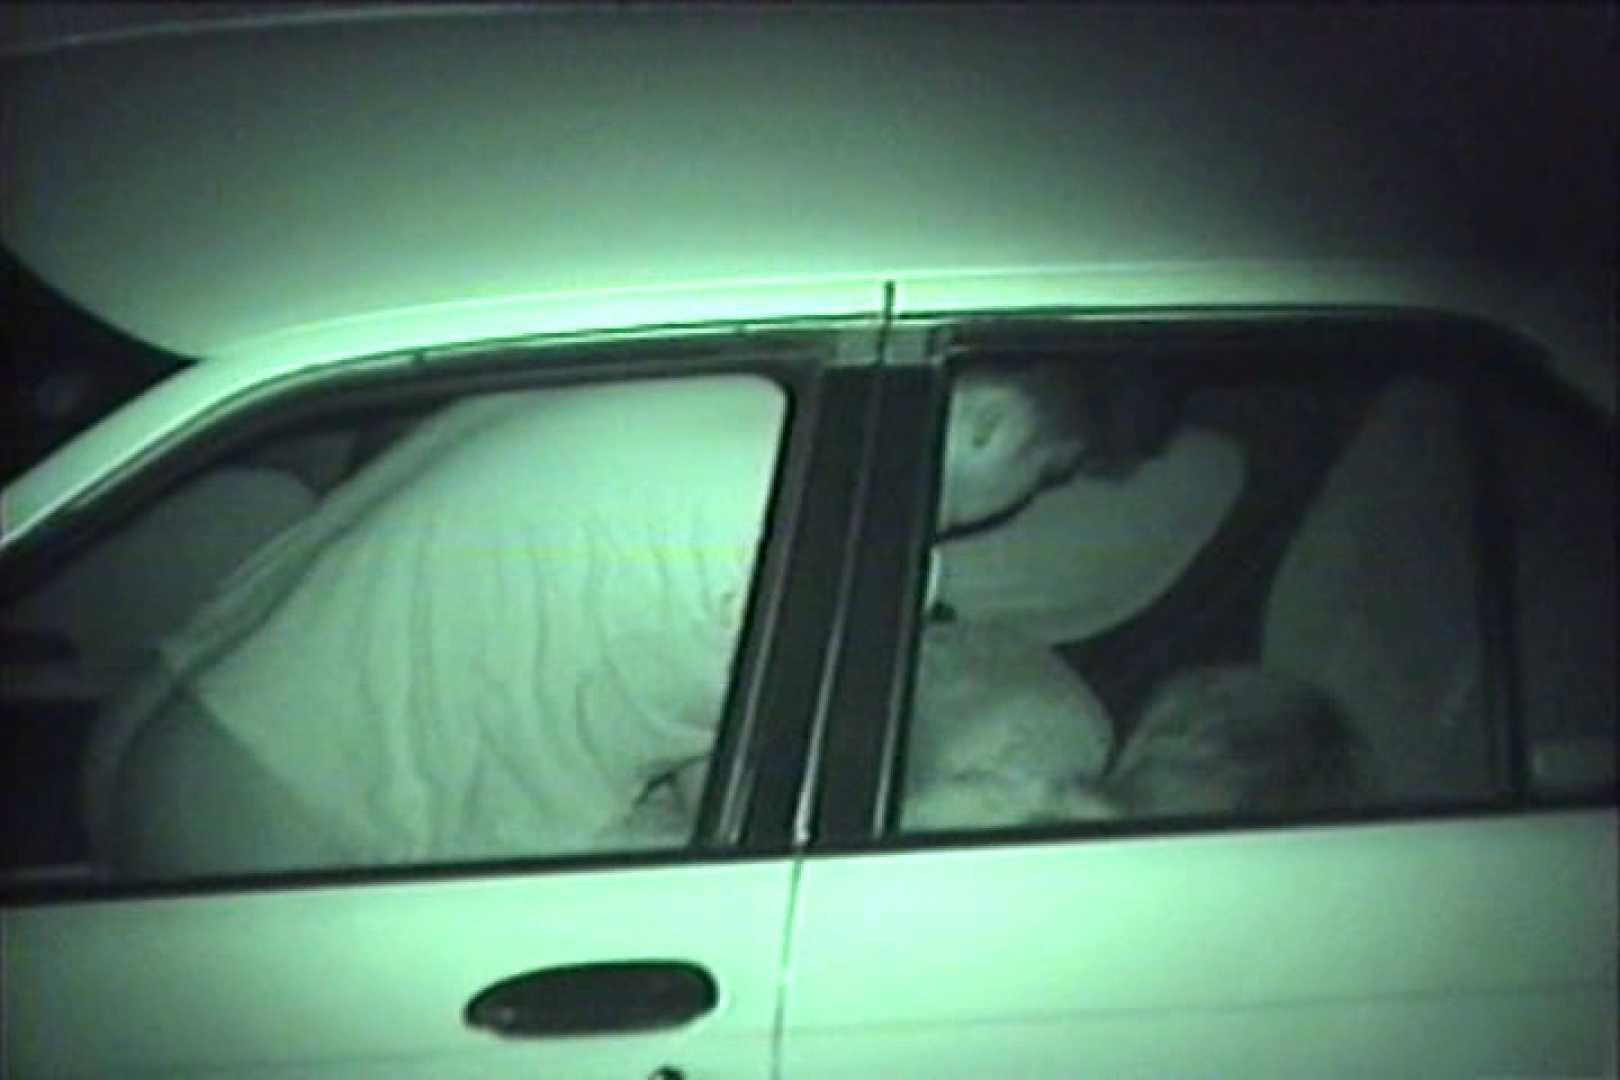 車の中はラブホテル 無修正版  Vol.17 ラブホテル SEX無修正画像 97画像 76